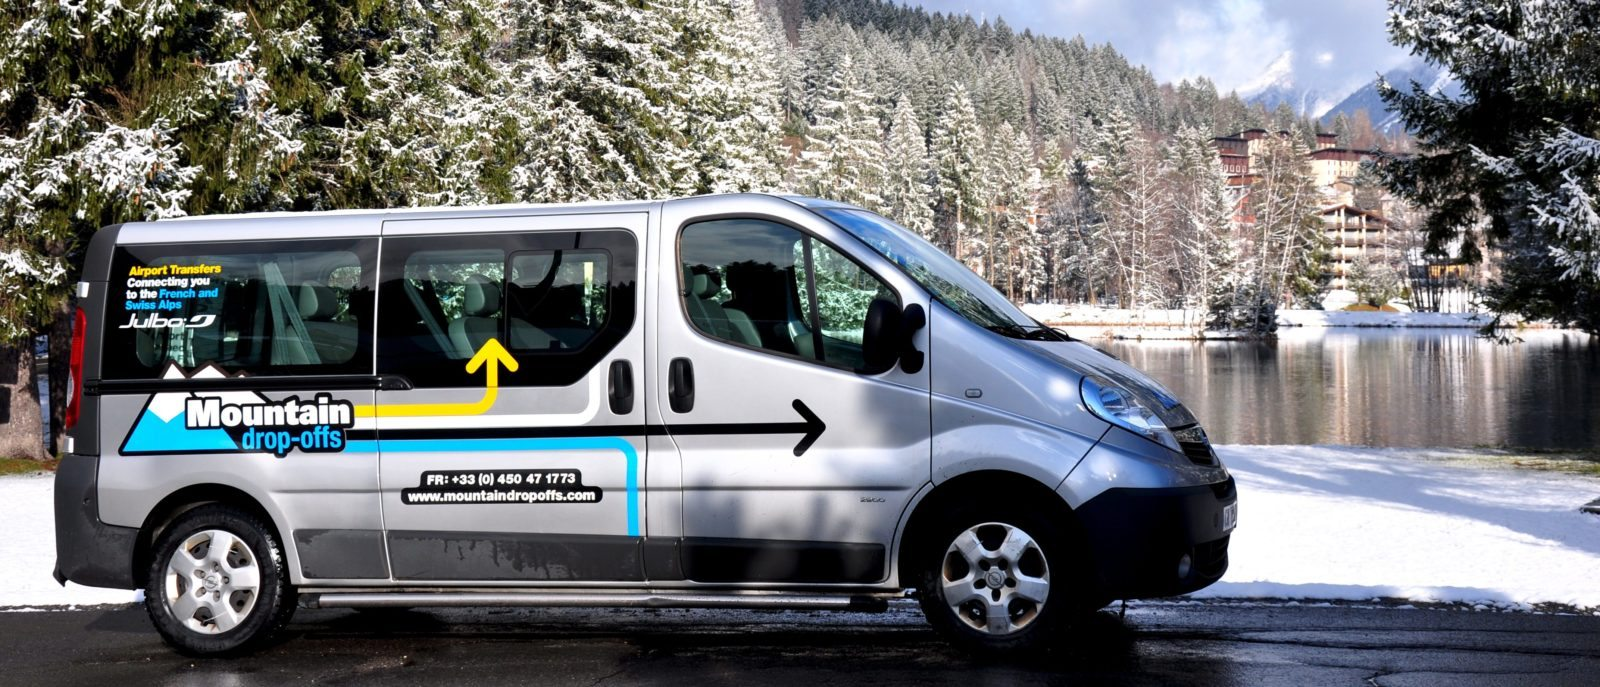 Navettes de l'aéroport de Genève, transport en minibus vers toutes les destinations des Alpes